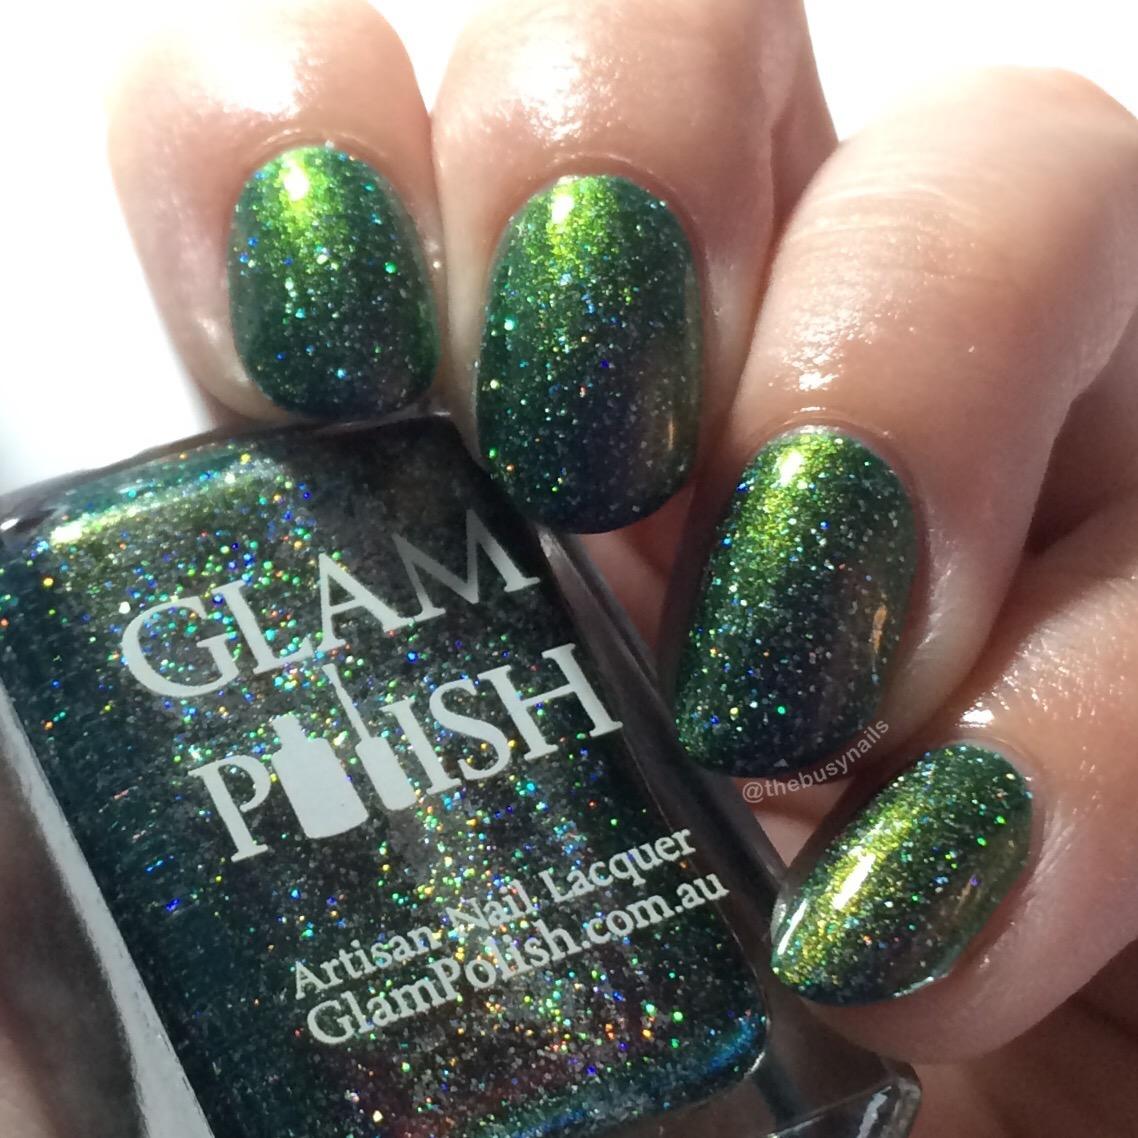 glampolish-beetlejuice-itsshowtime5.jpg